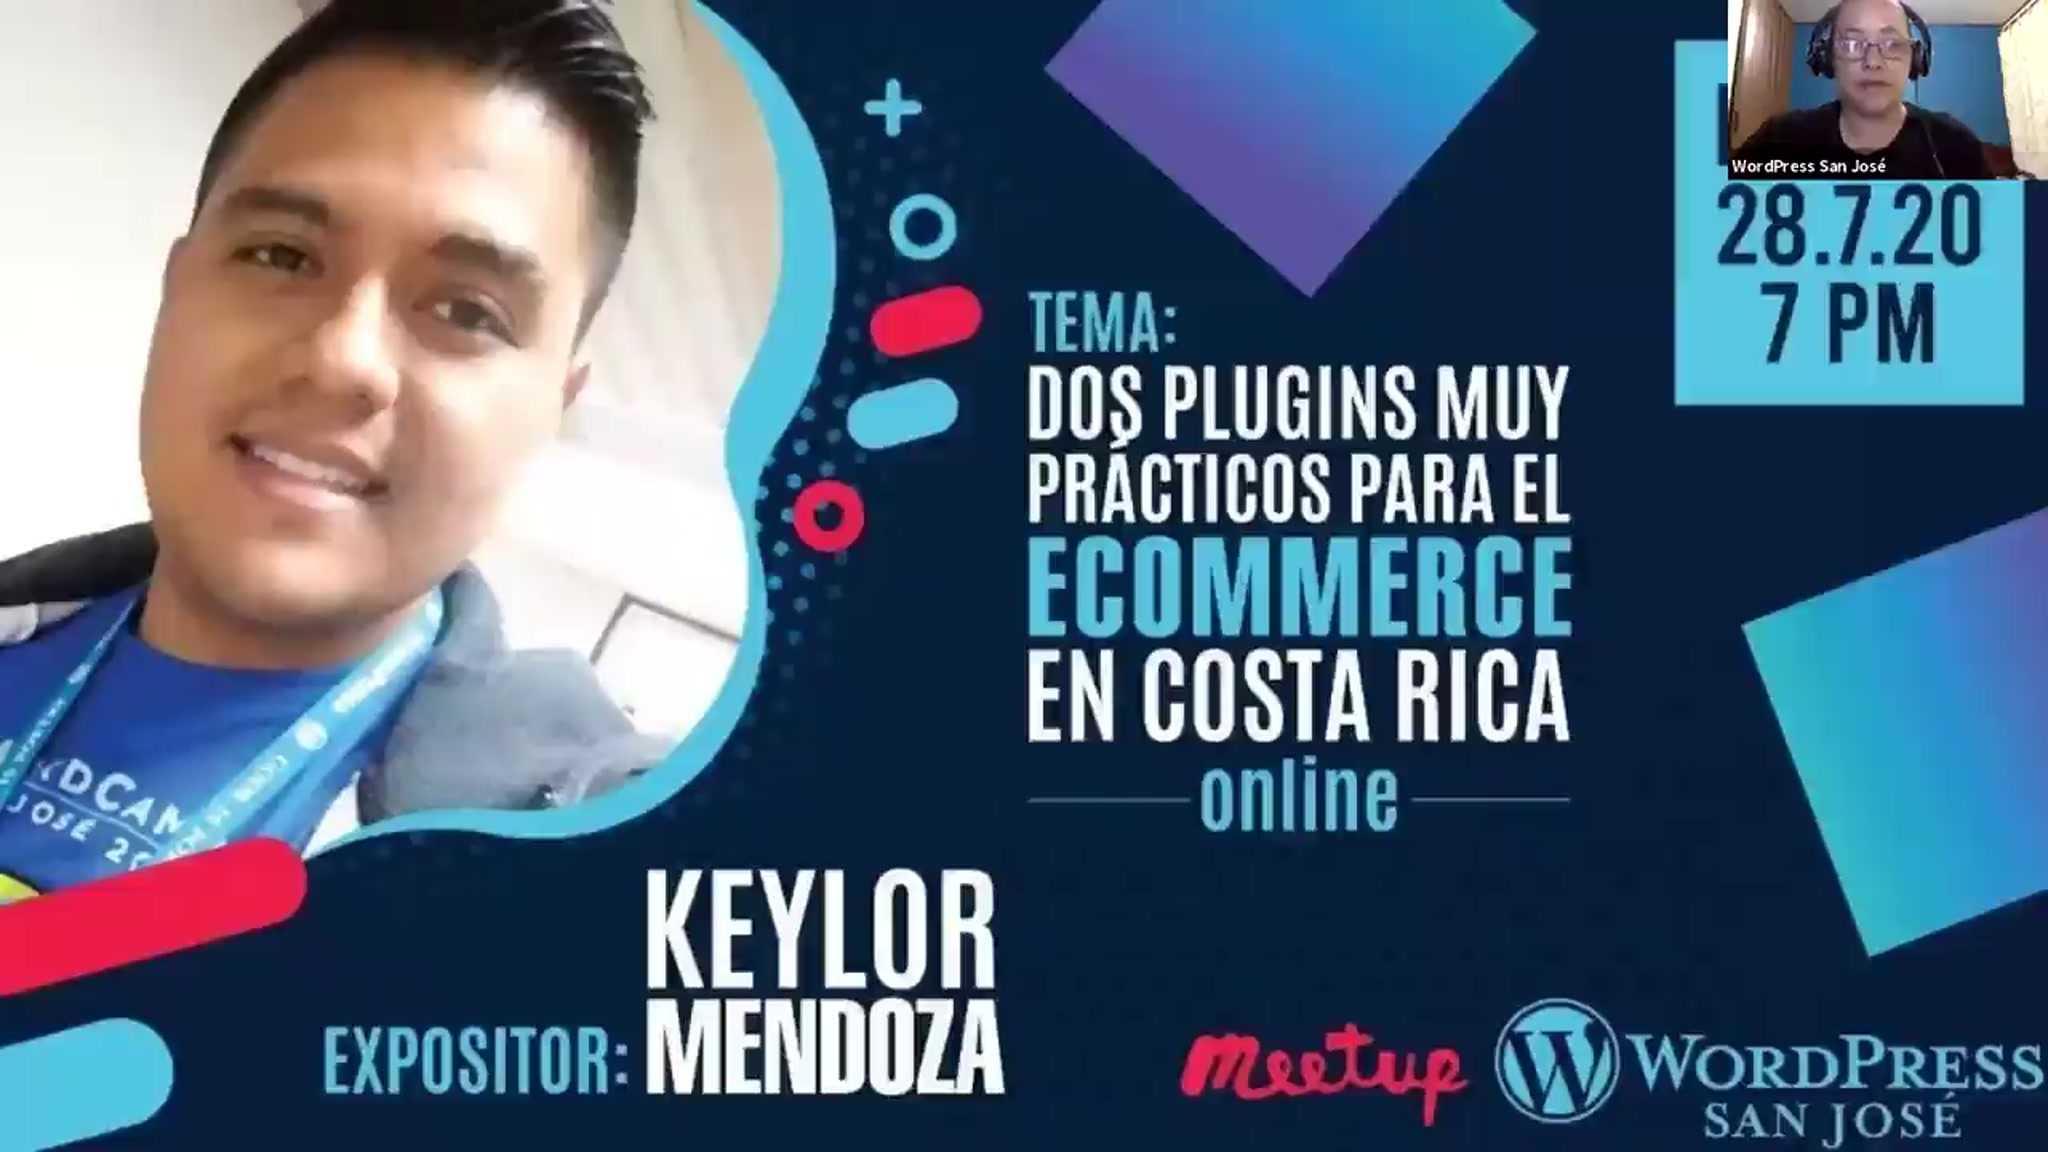 Keylor Mendoza: Dos Plugins muy Prácticos para WooCommerce en CR